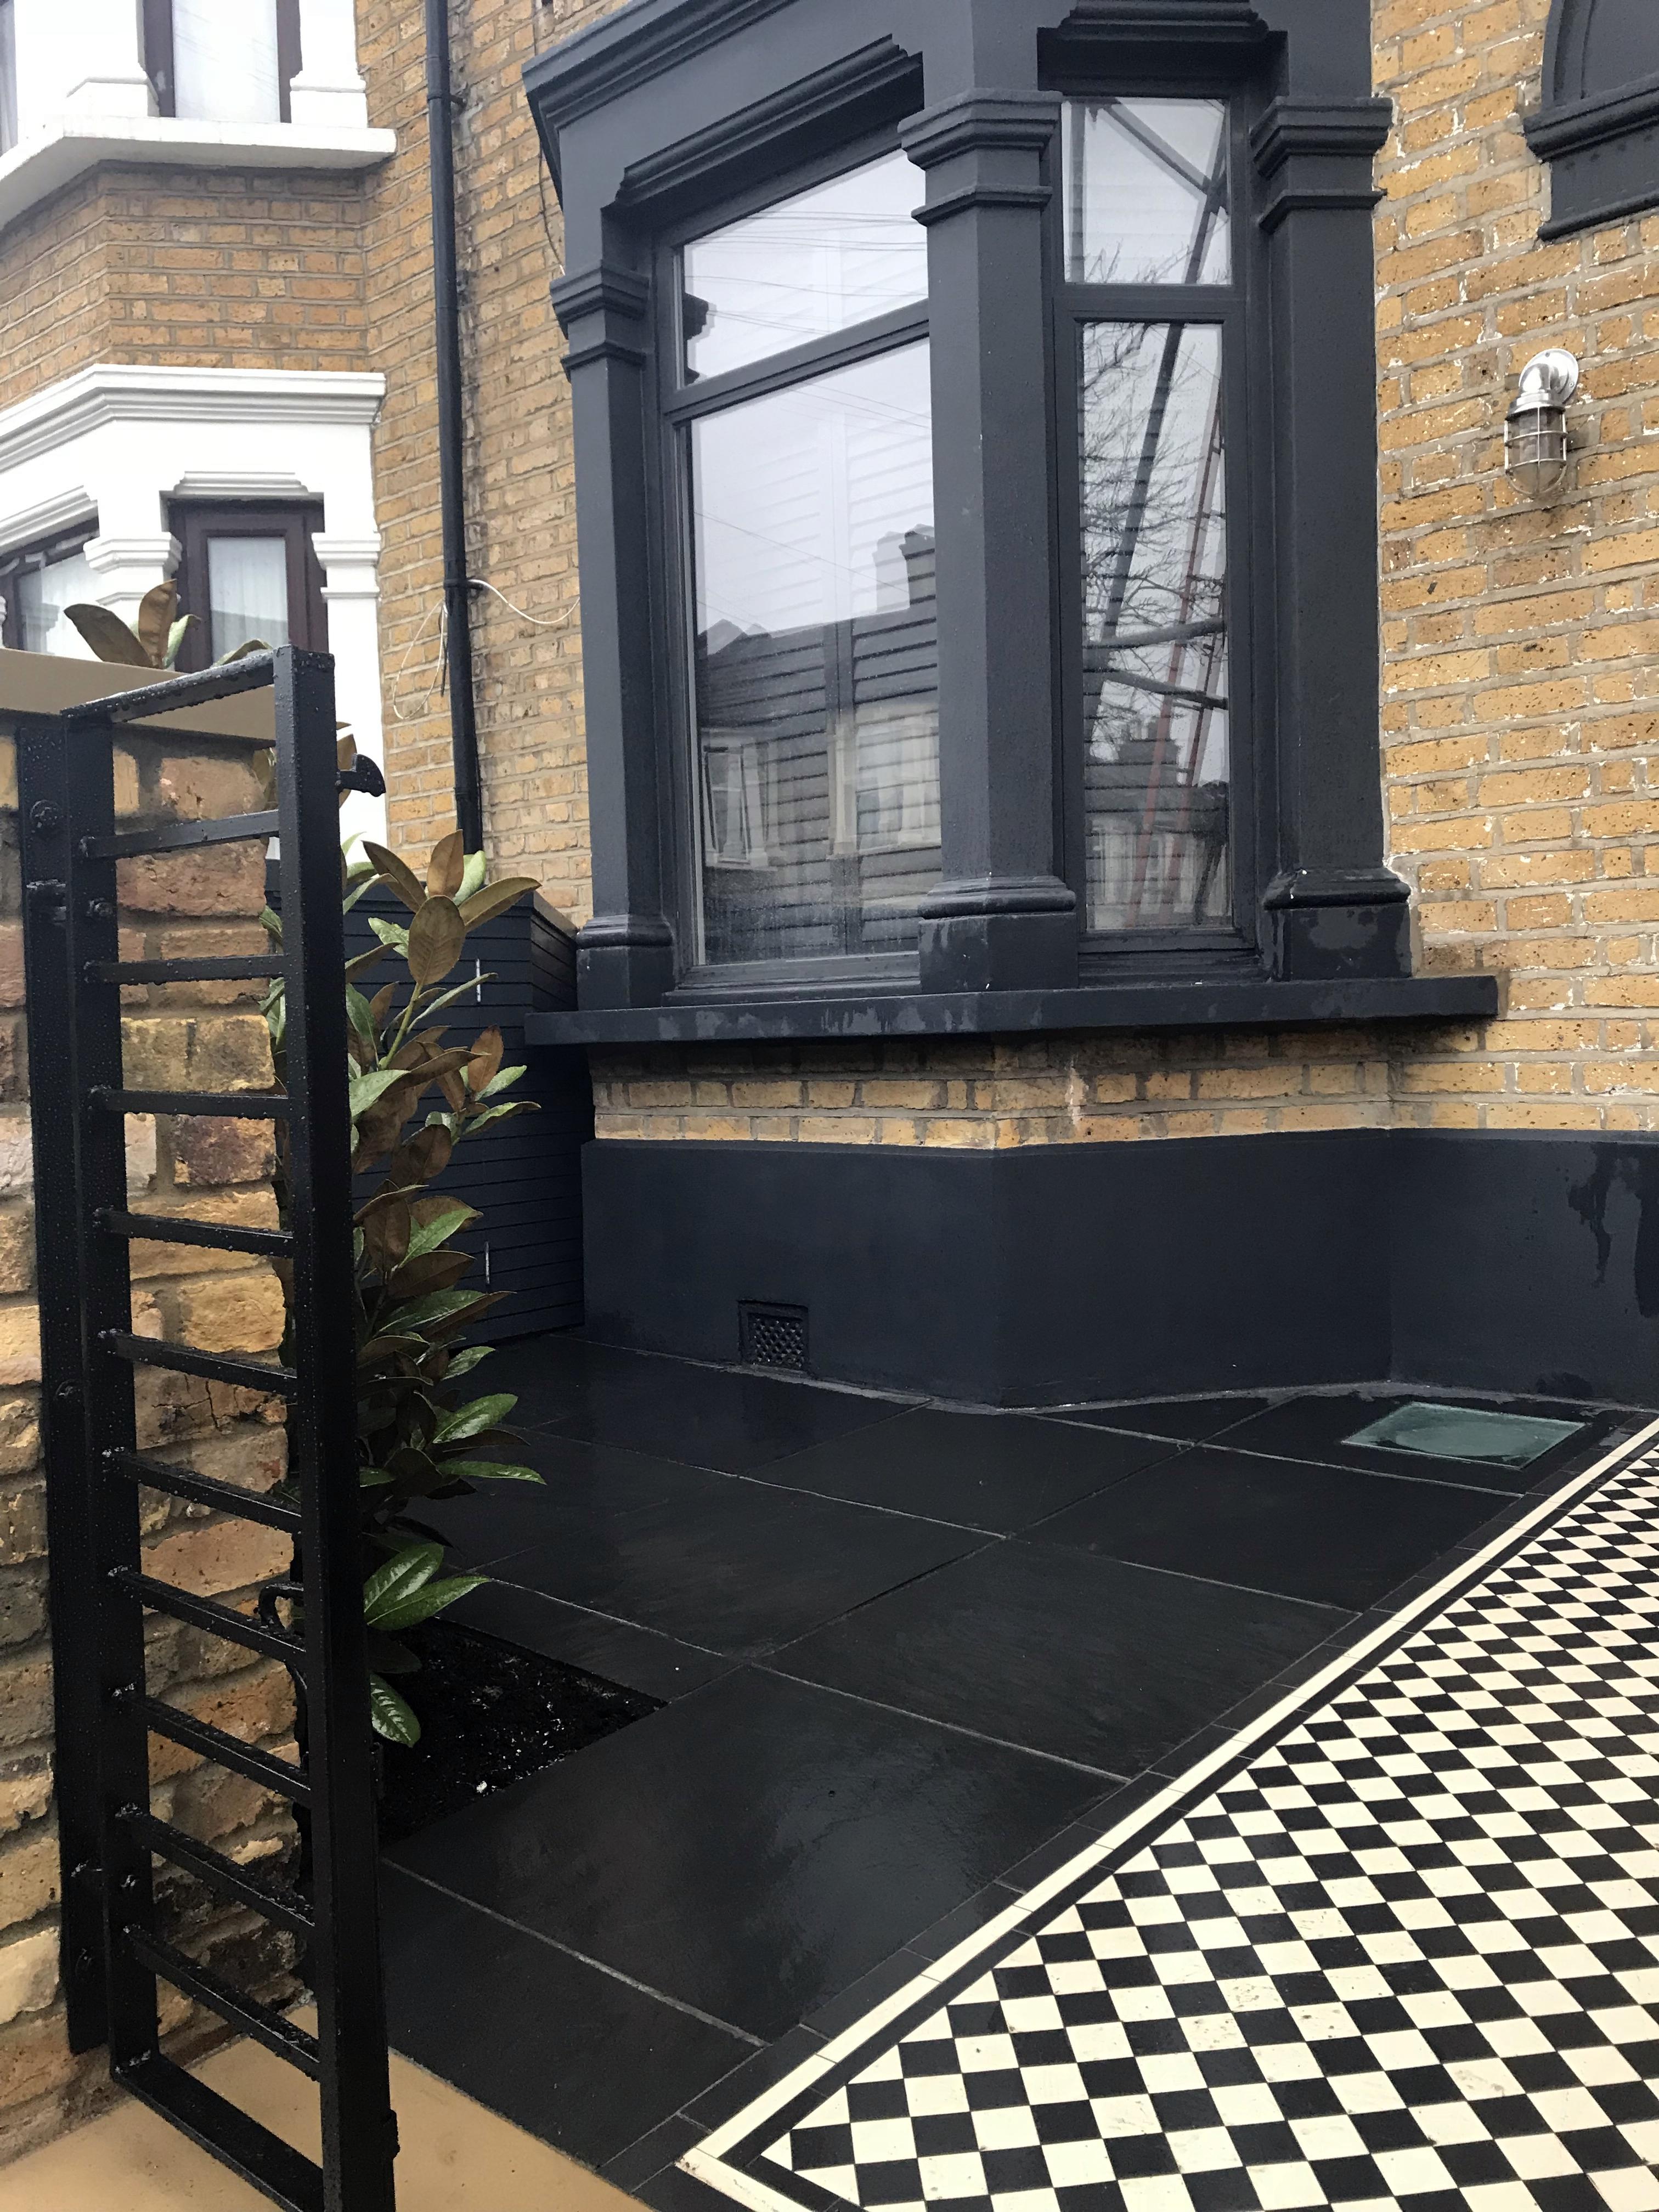 Astro Turf Garden >> Victorian Front Garden Restoration with Modern Elements ...